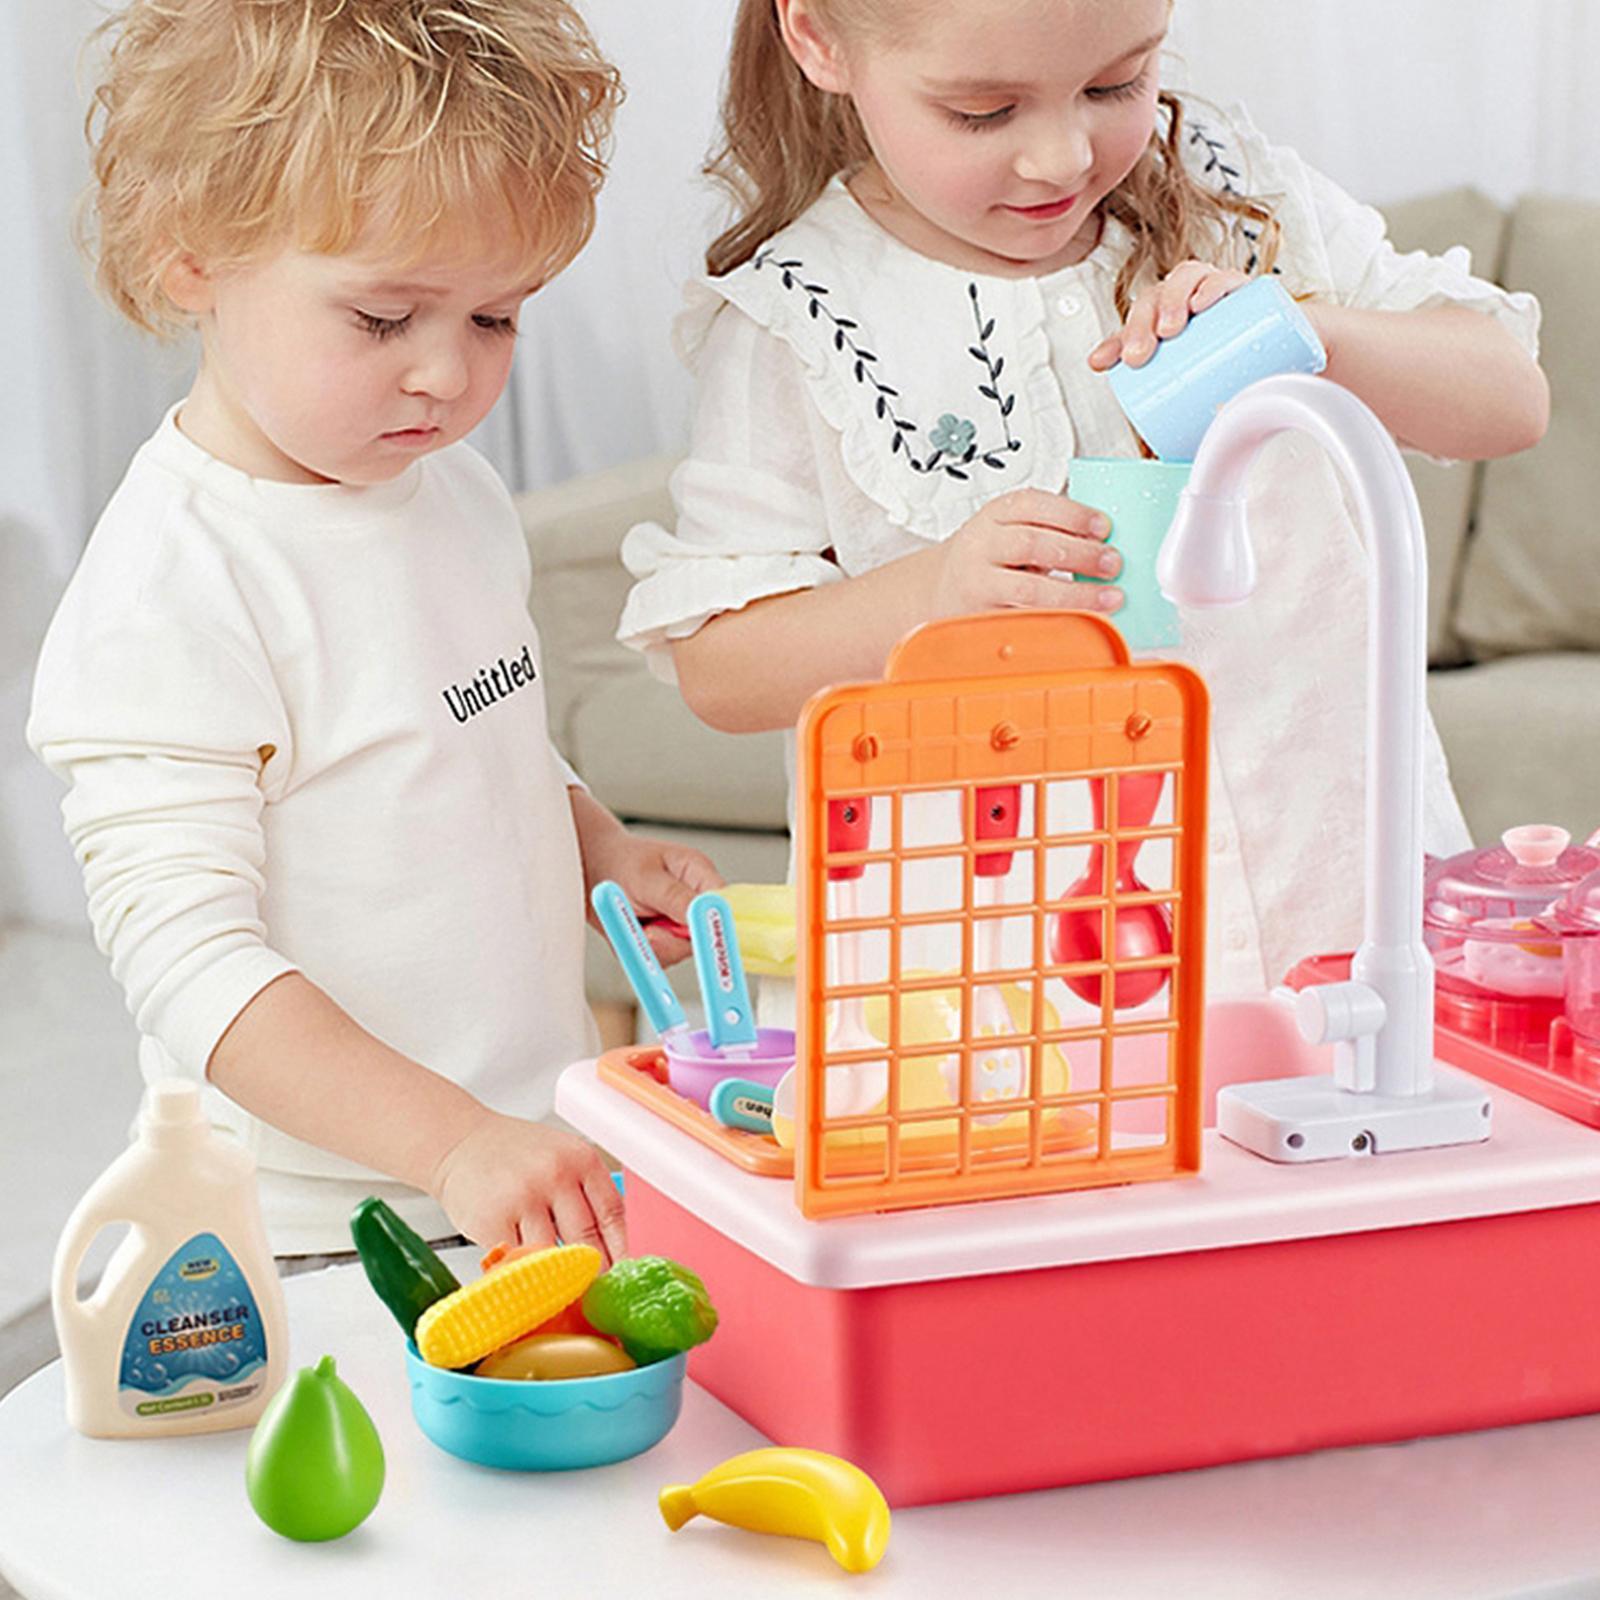 Indexbild 37 - Kinder-Kueche-Spielen-Waschbecken-Spielzeug-Automatische-Wasser-Zyklus-System